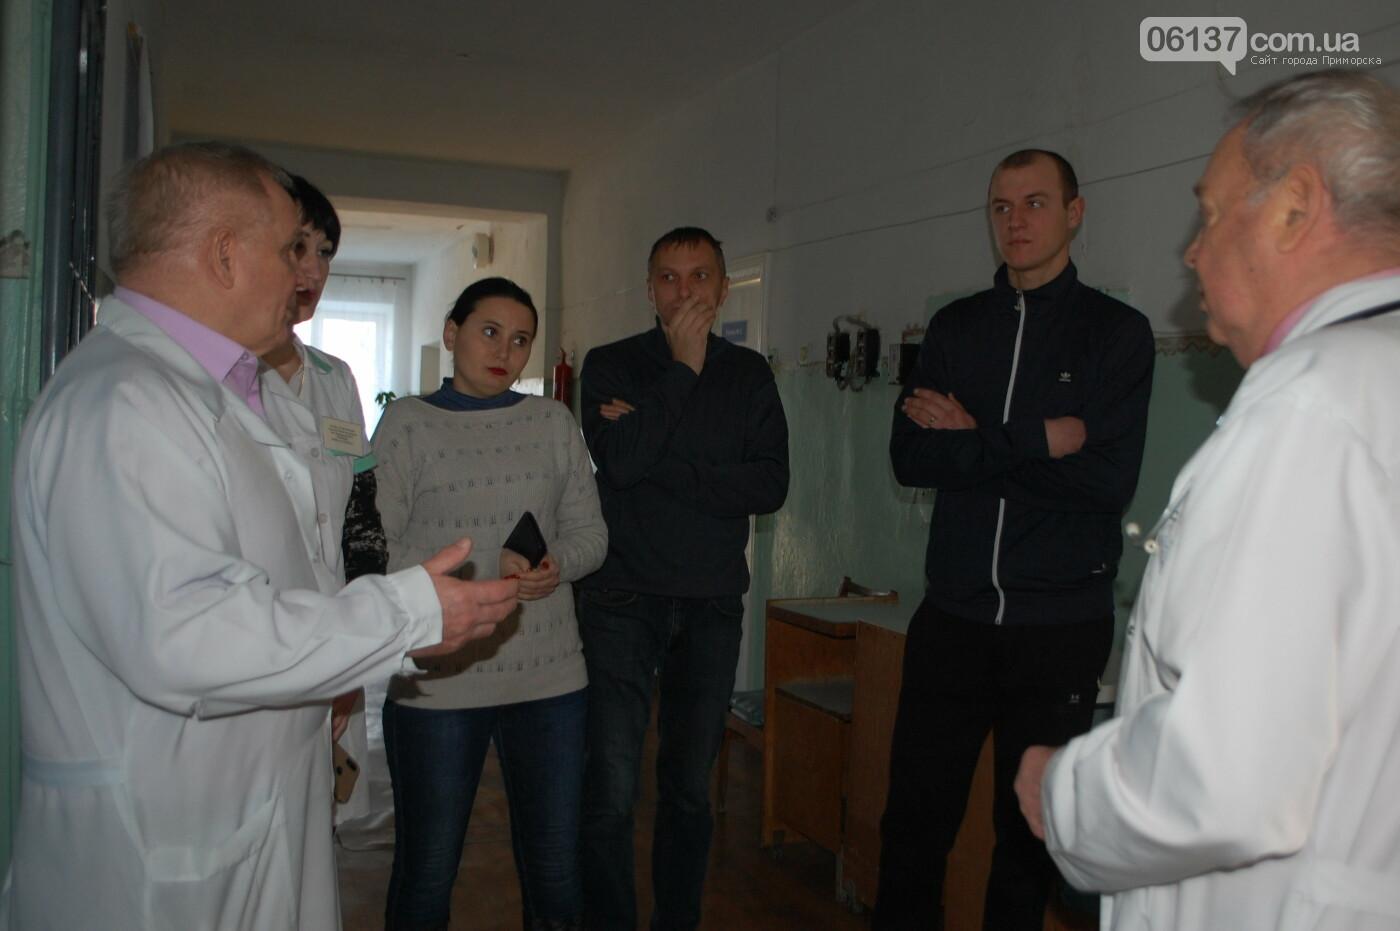 За дитину, якій не надали медичну допомогу заступилися активісти Приморська, фото-4